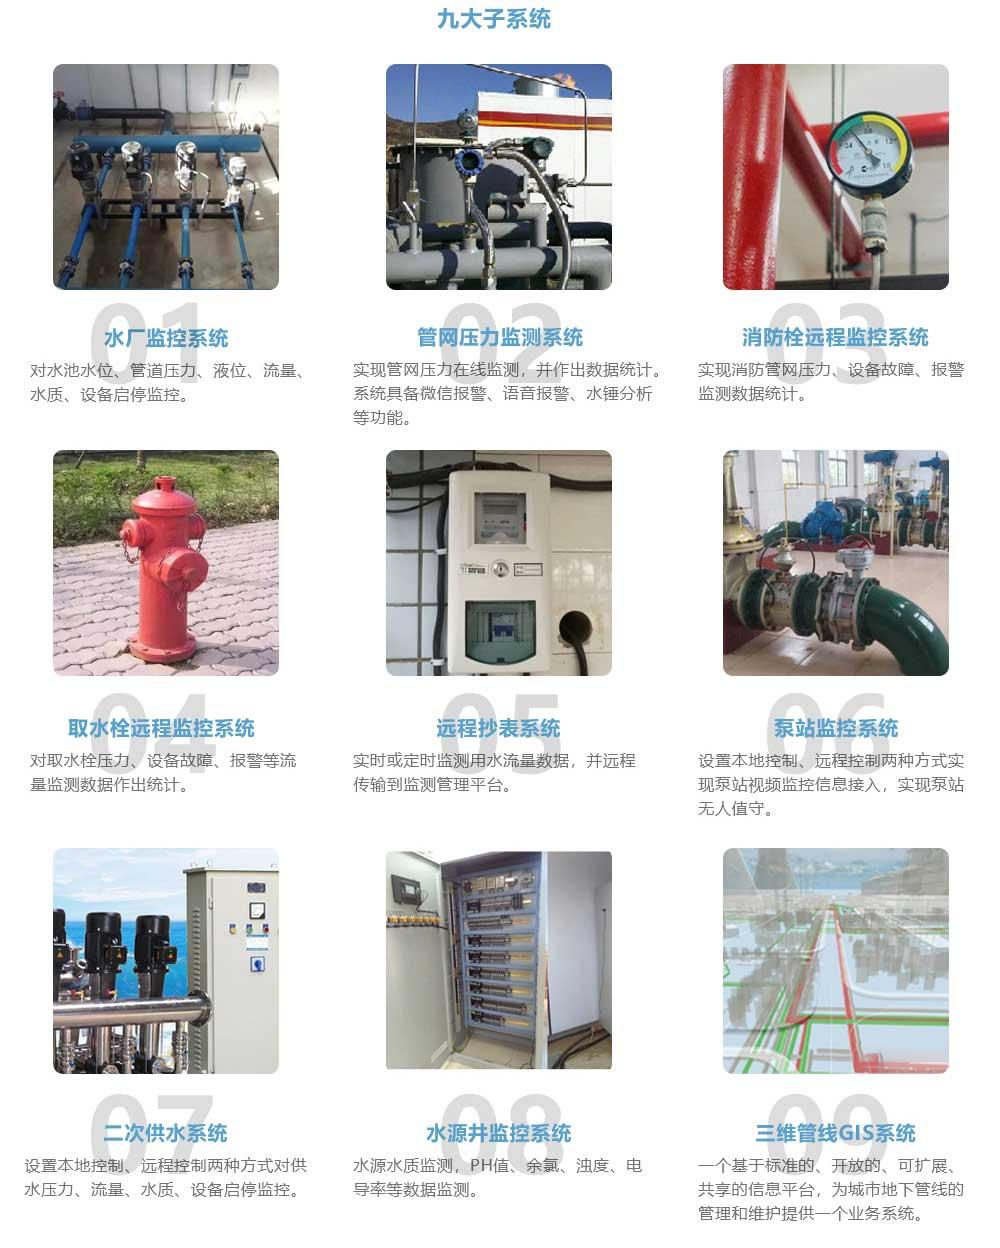 广州好的智慧水务信息系统企业,智慧水务信息系统